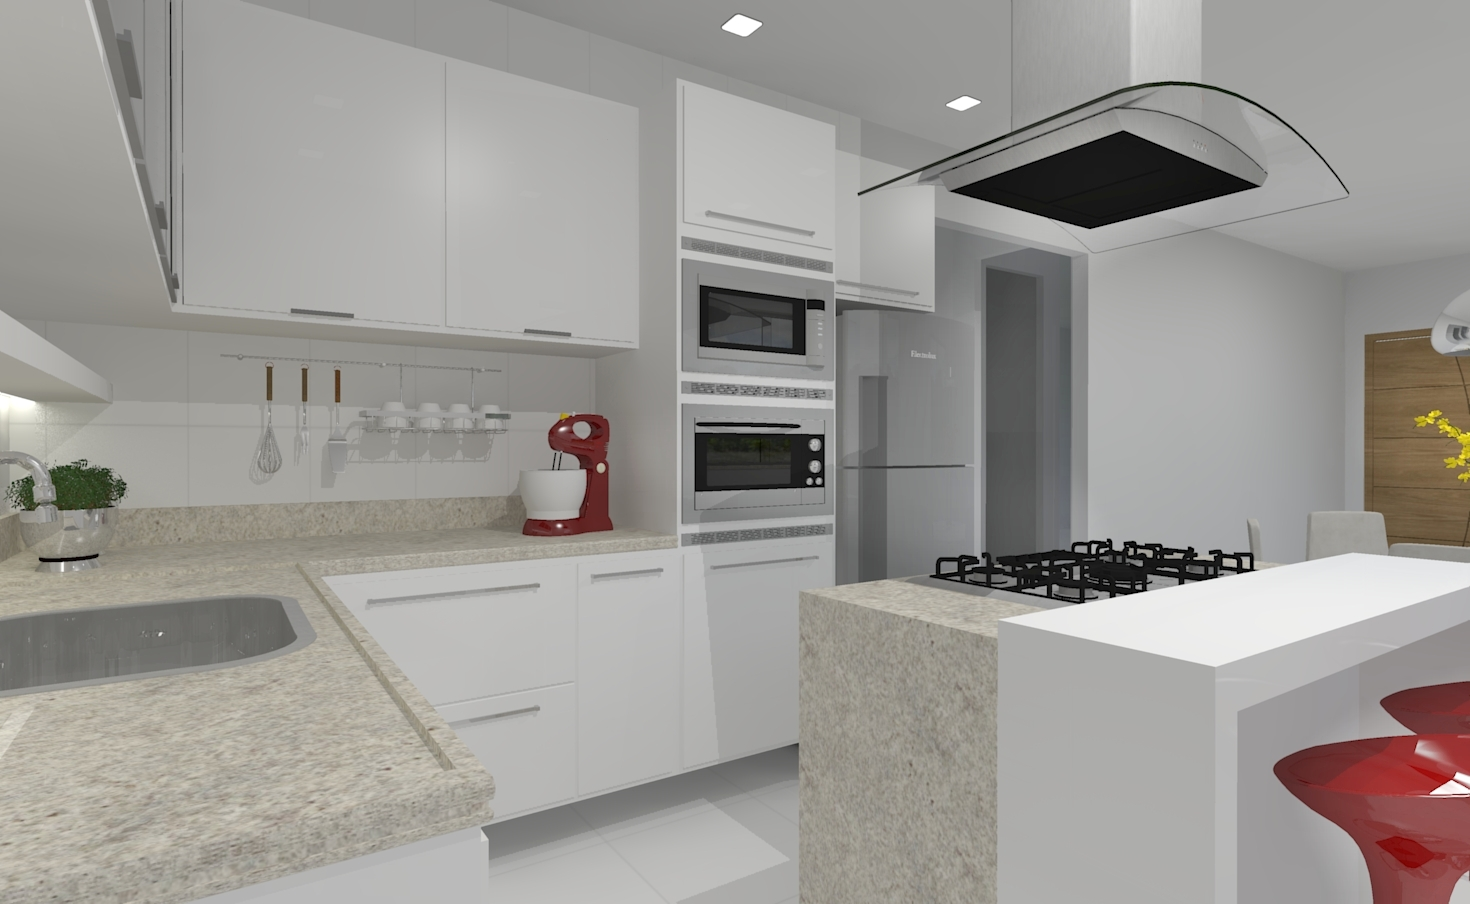 projeto do seu arquiteto para definir os detalhes da sua cozinha #7C3834 1470 904